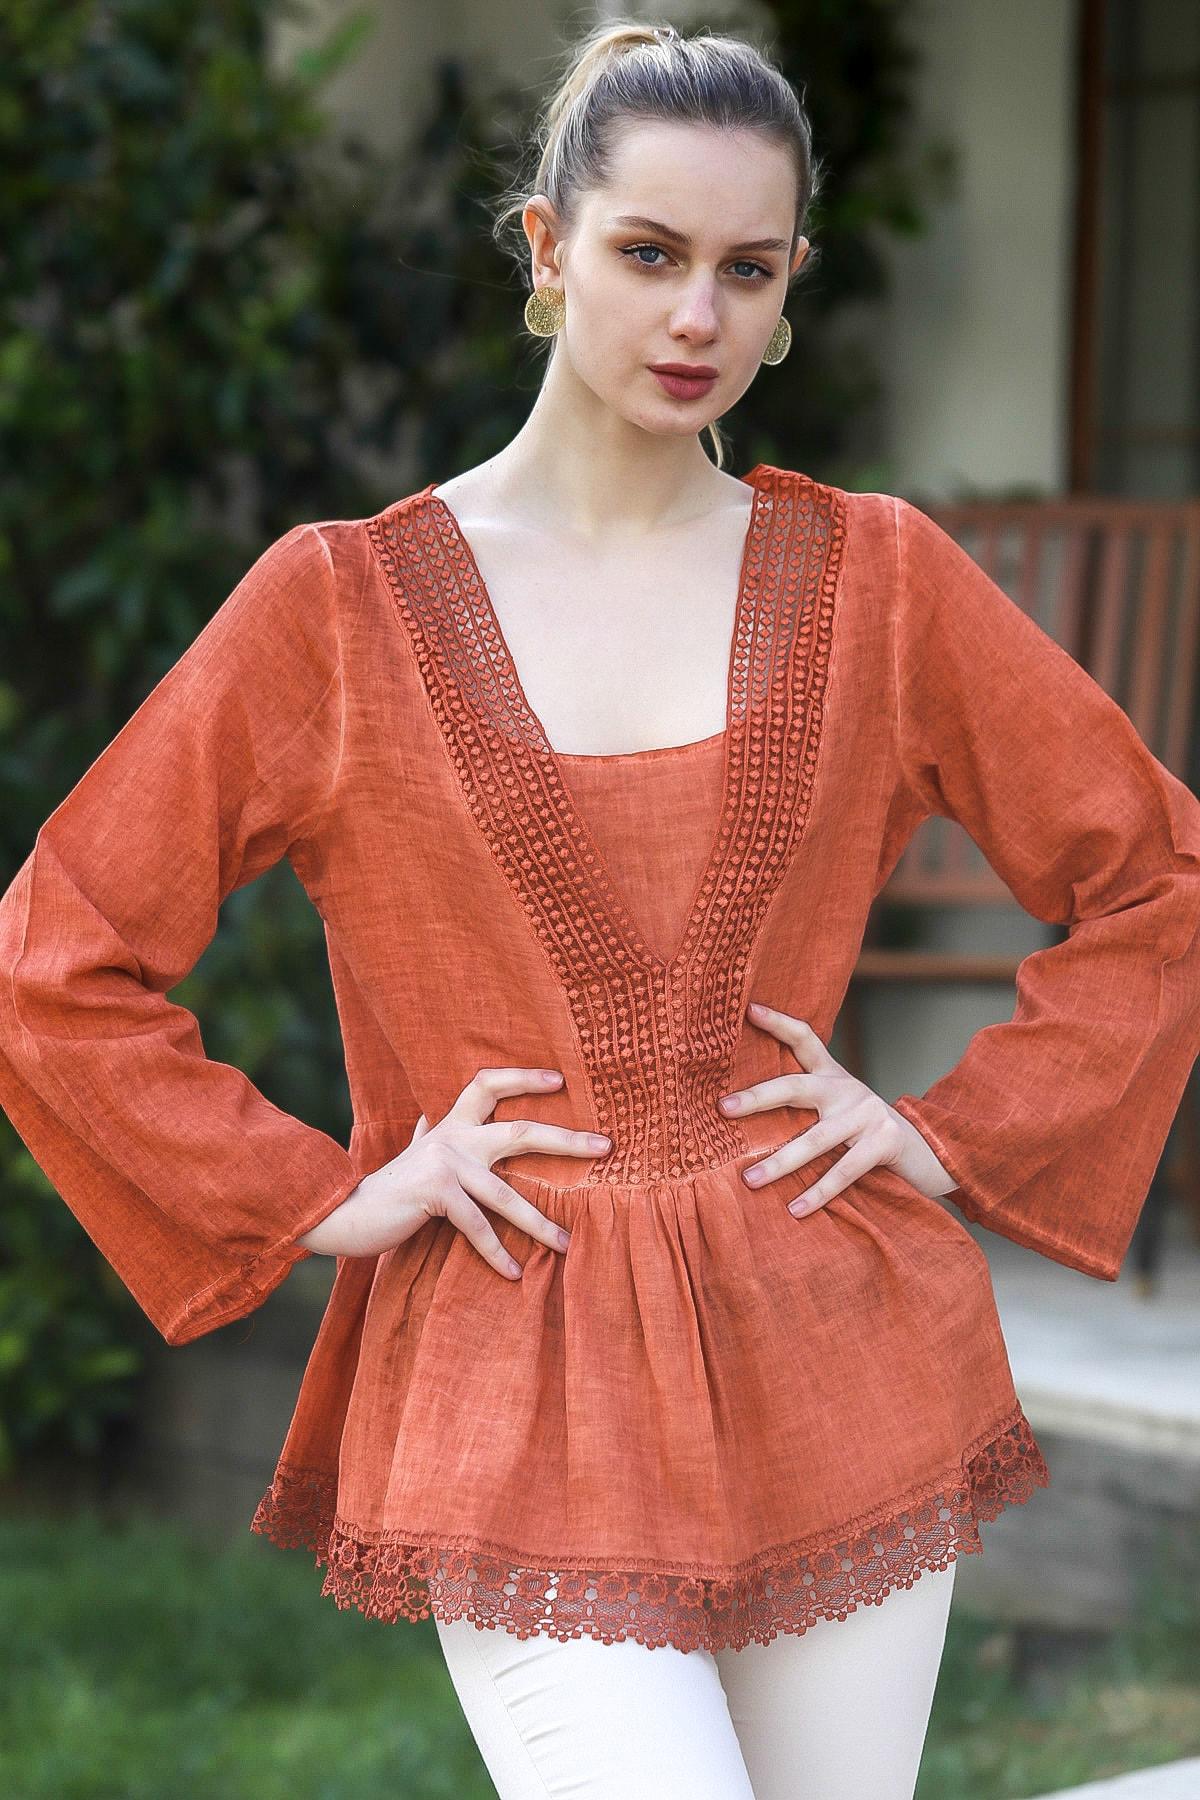 Chiccy Kadın Kiremit V Yaka Dantel Detaylı Beli Büzgülü Yıkamalı Dokuma Bluz M10010200BL95371